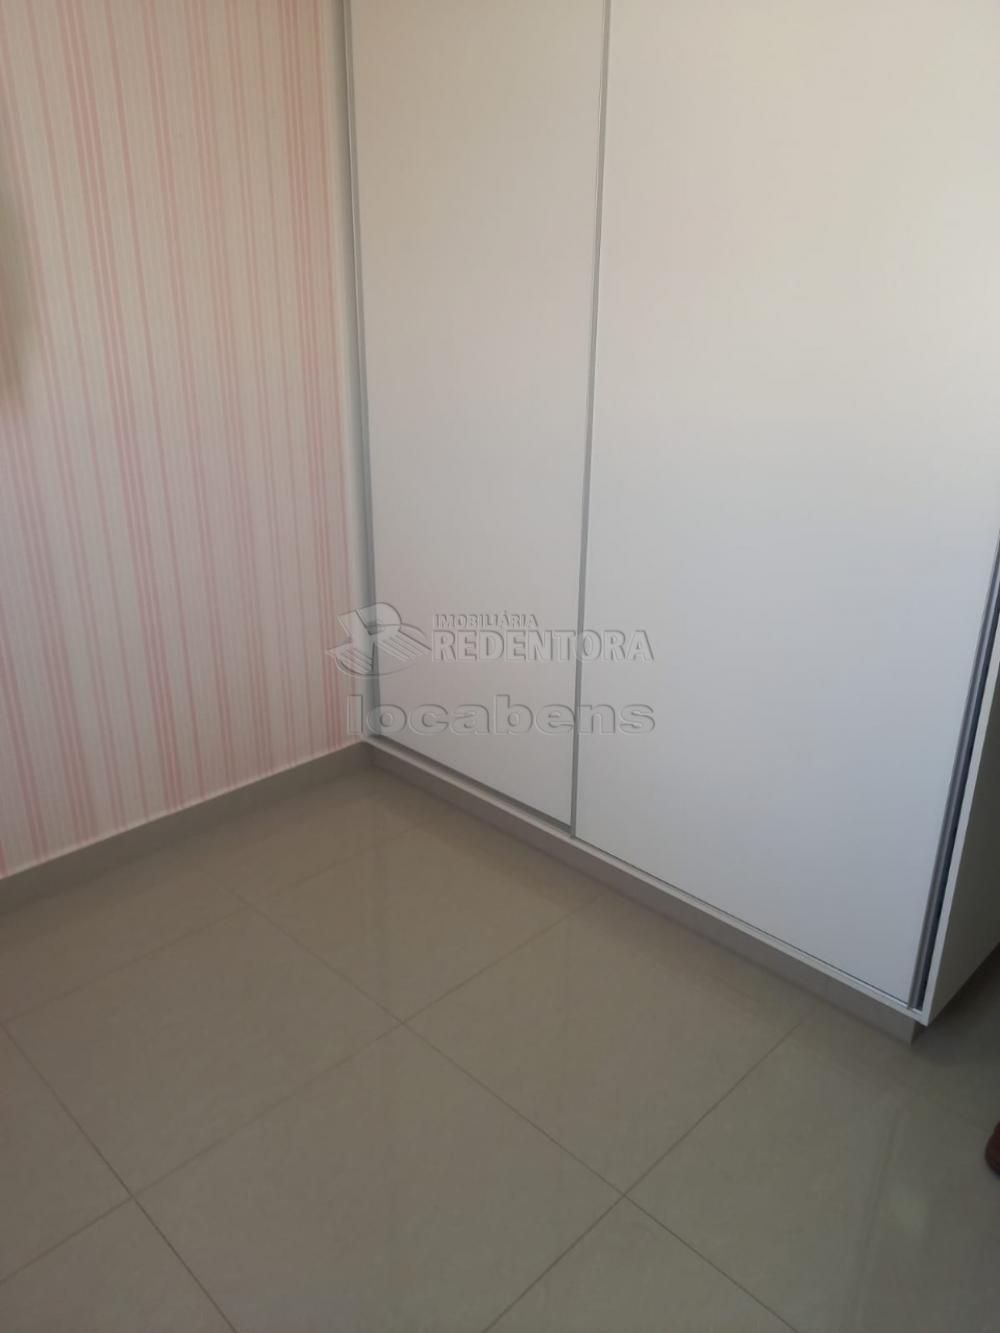 Comprar Casa / Condomínio em São José do Rio Preto R$ 620.000,00 - Foto 12